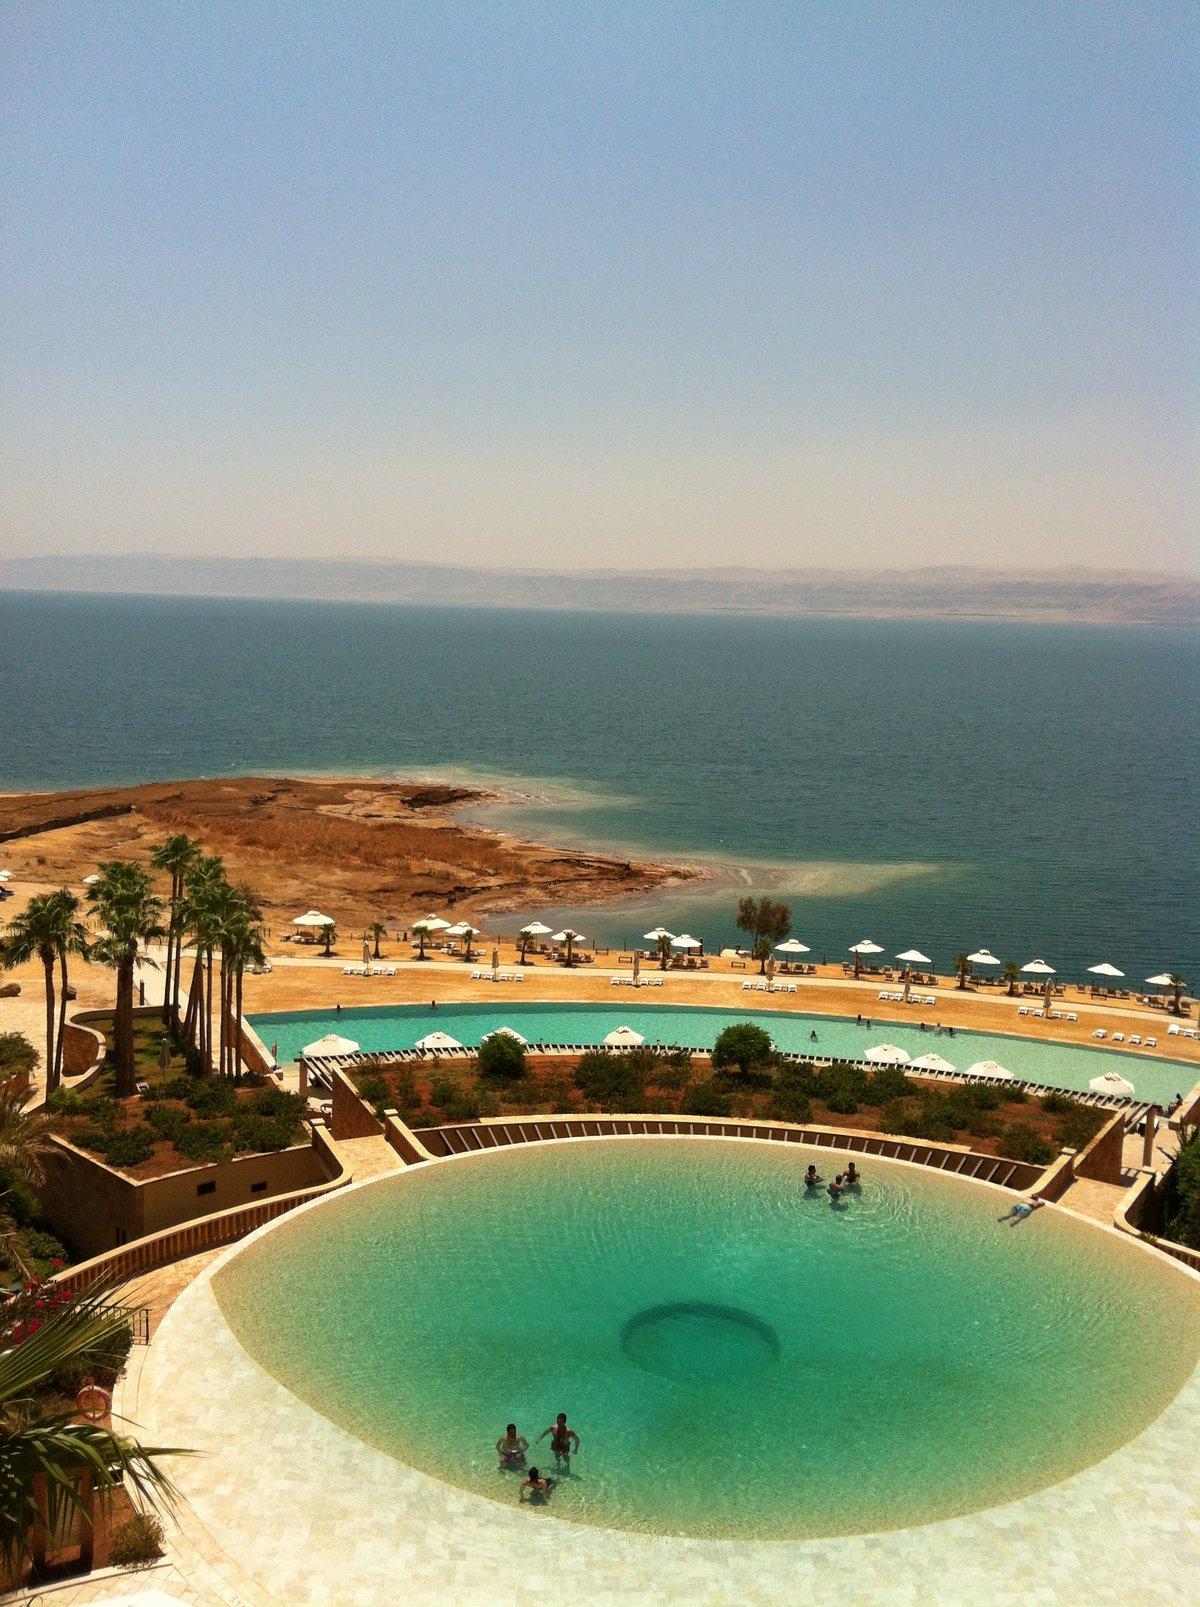 Памятка туристу в иорданию — полезная информация выезжающим на отдых в иорданию